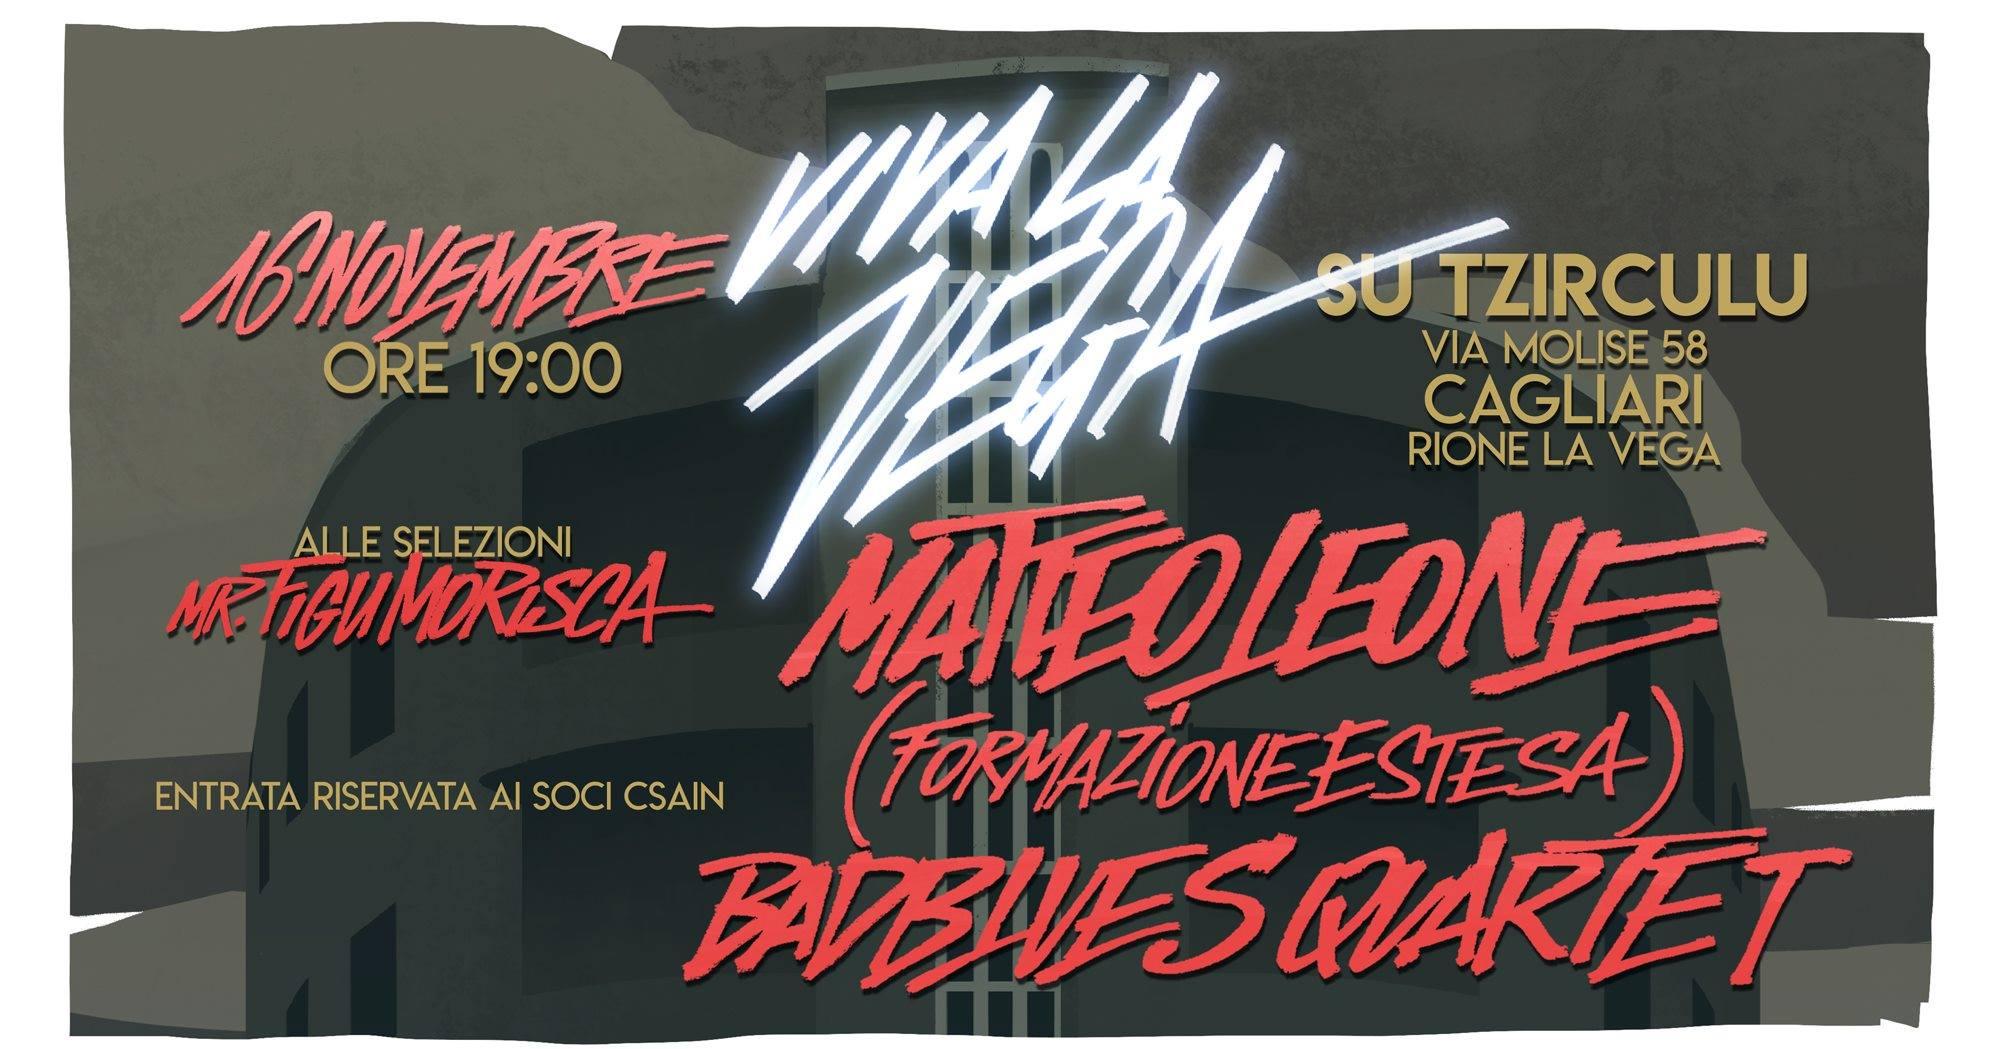 Viva La Vega - Matteo Leone - Bad Blues Quartet - Su Tzirculu - Cagliari - 16 novembre 2019 - eventi - 2019 - Sa Scena Sarda